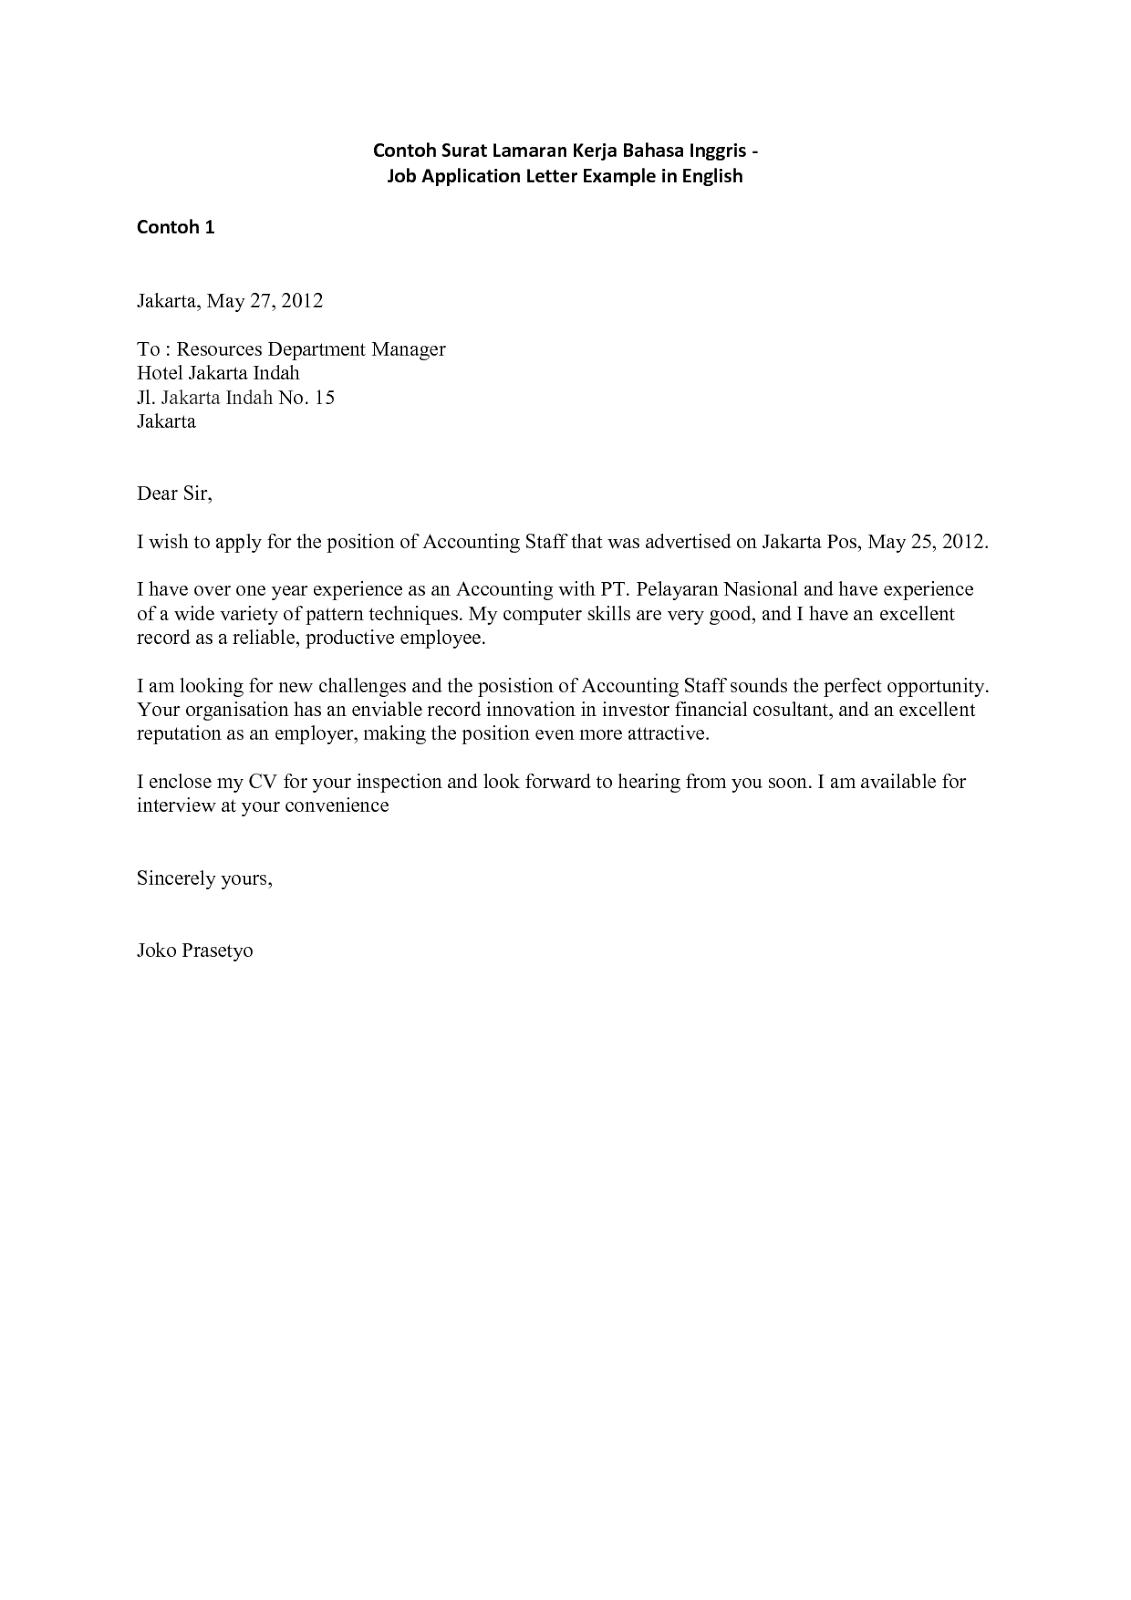 contoh application letter untuk job fair Kementerian bappenas karir contoh berikut kami sajikan informasi terbaru rujukan seakurat mungkin terkait dengan application letter untuk info job fair.